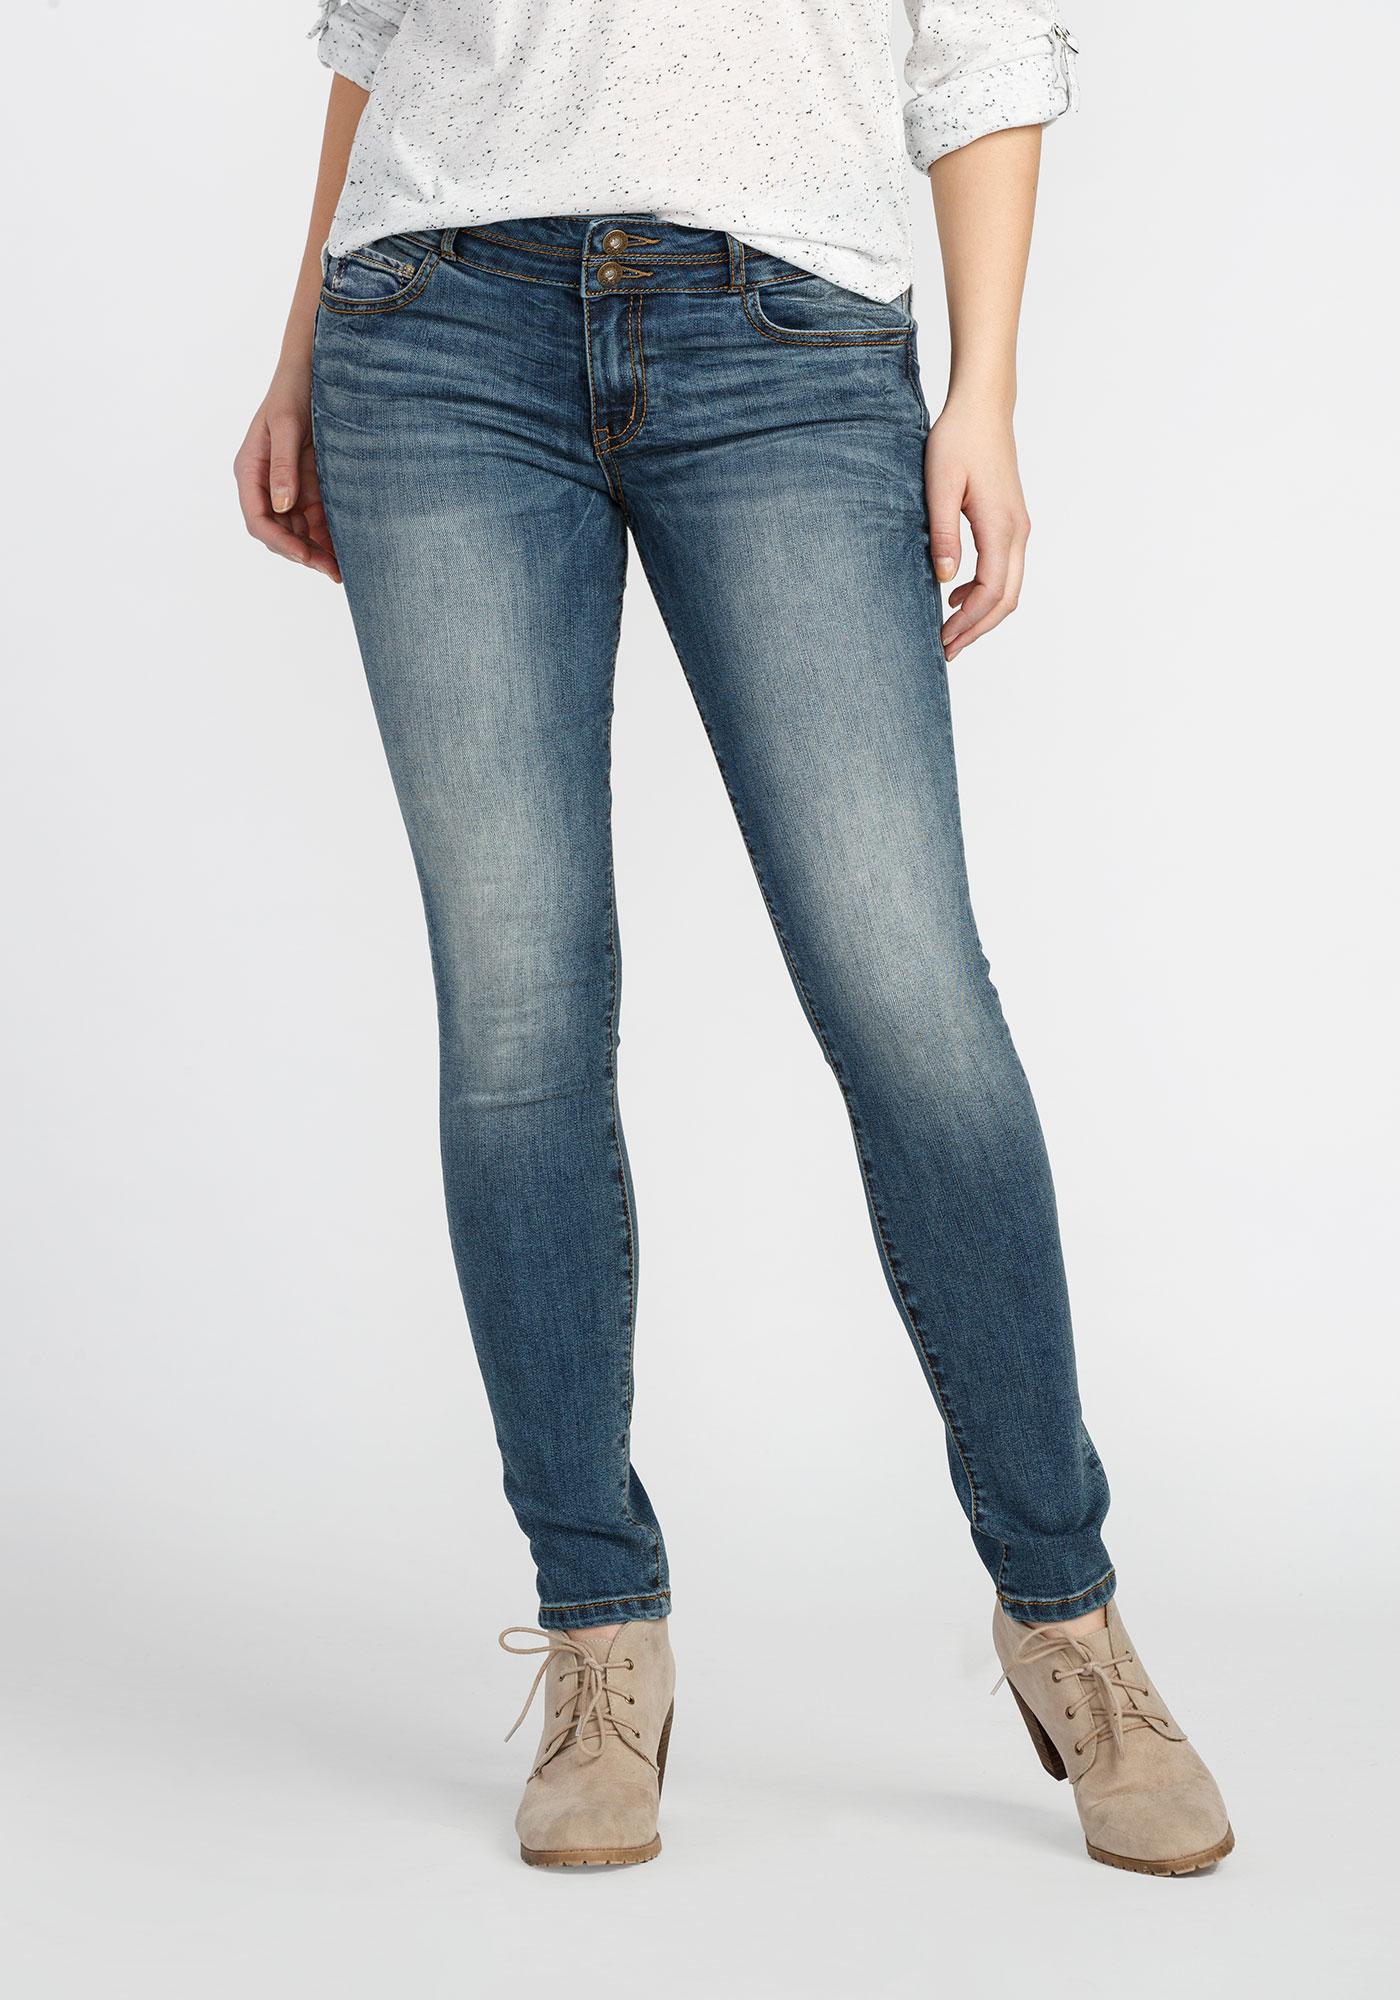 bee0cf2628a Women s Skinny Jeans